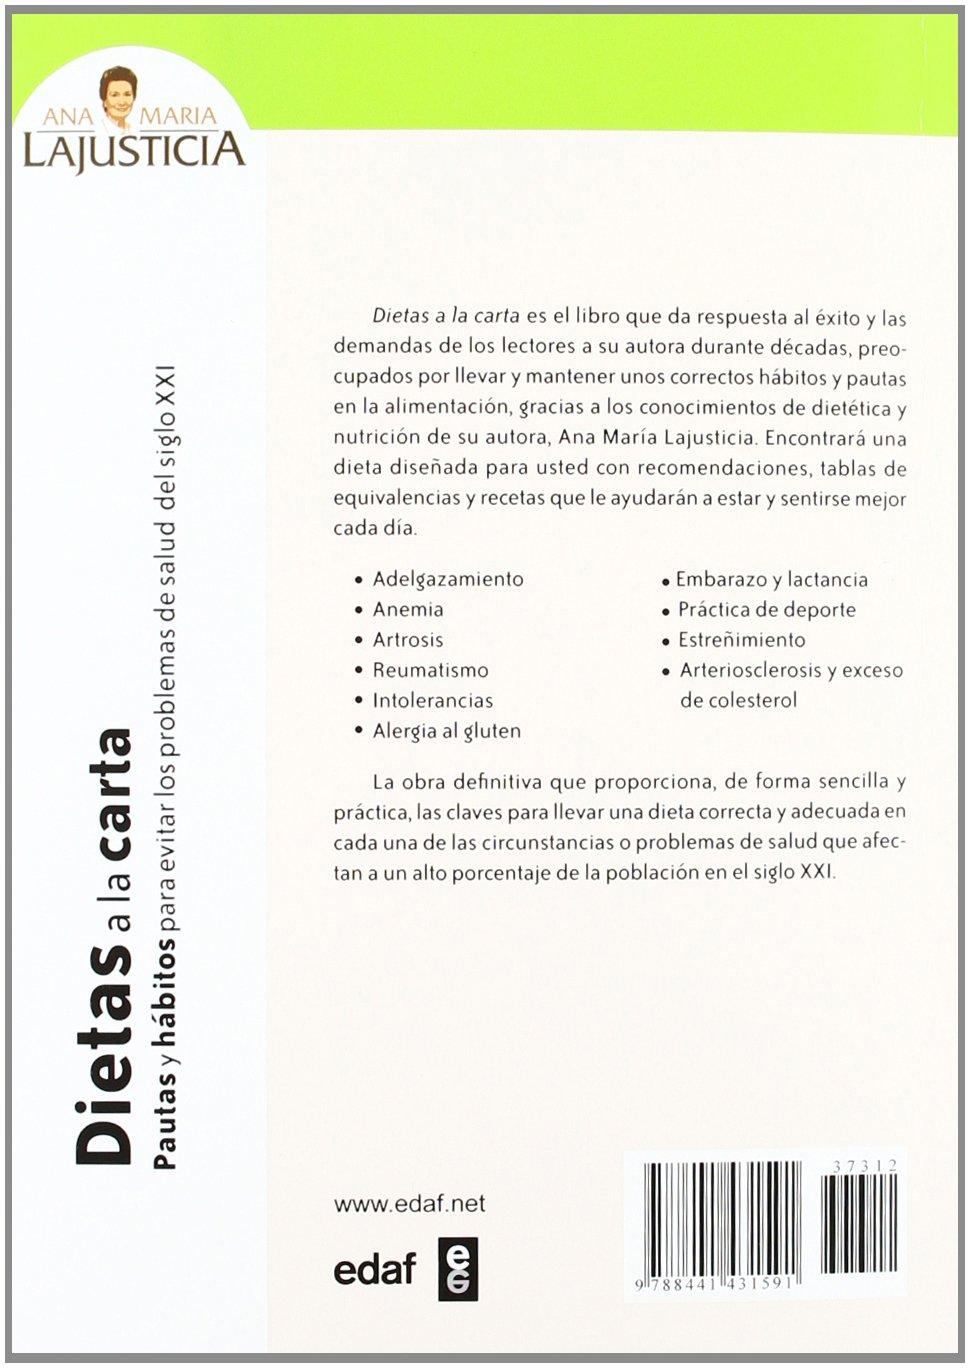 Dietas a la carta: Pautas y hábitos para evitar los problemas de salud del siglo XXI Plus Vitae: Amazon.es: Ana María Lajusticia Bergasa: Libros